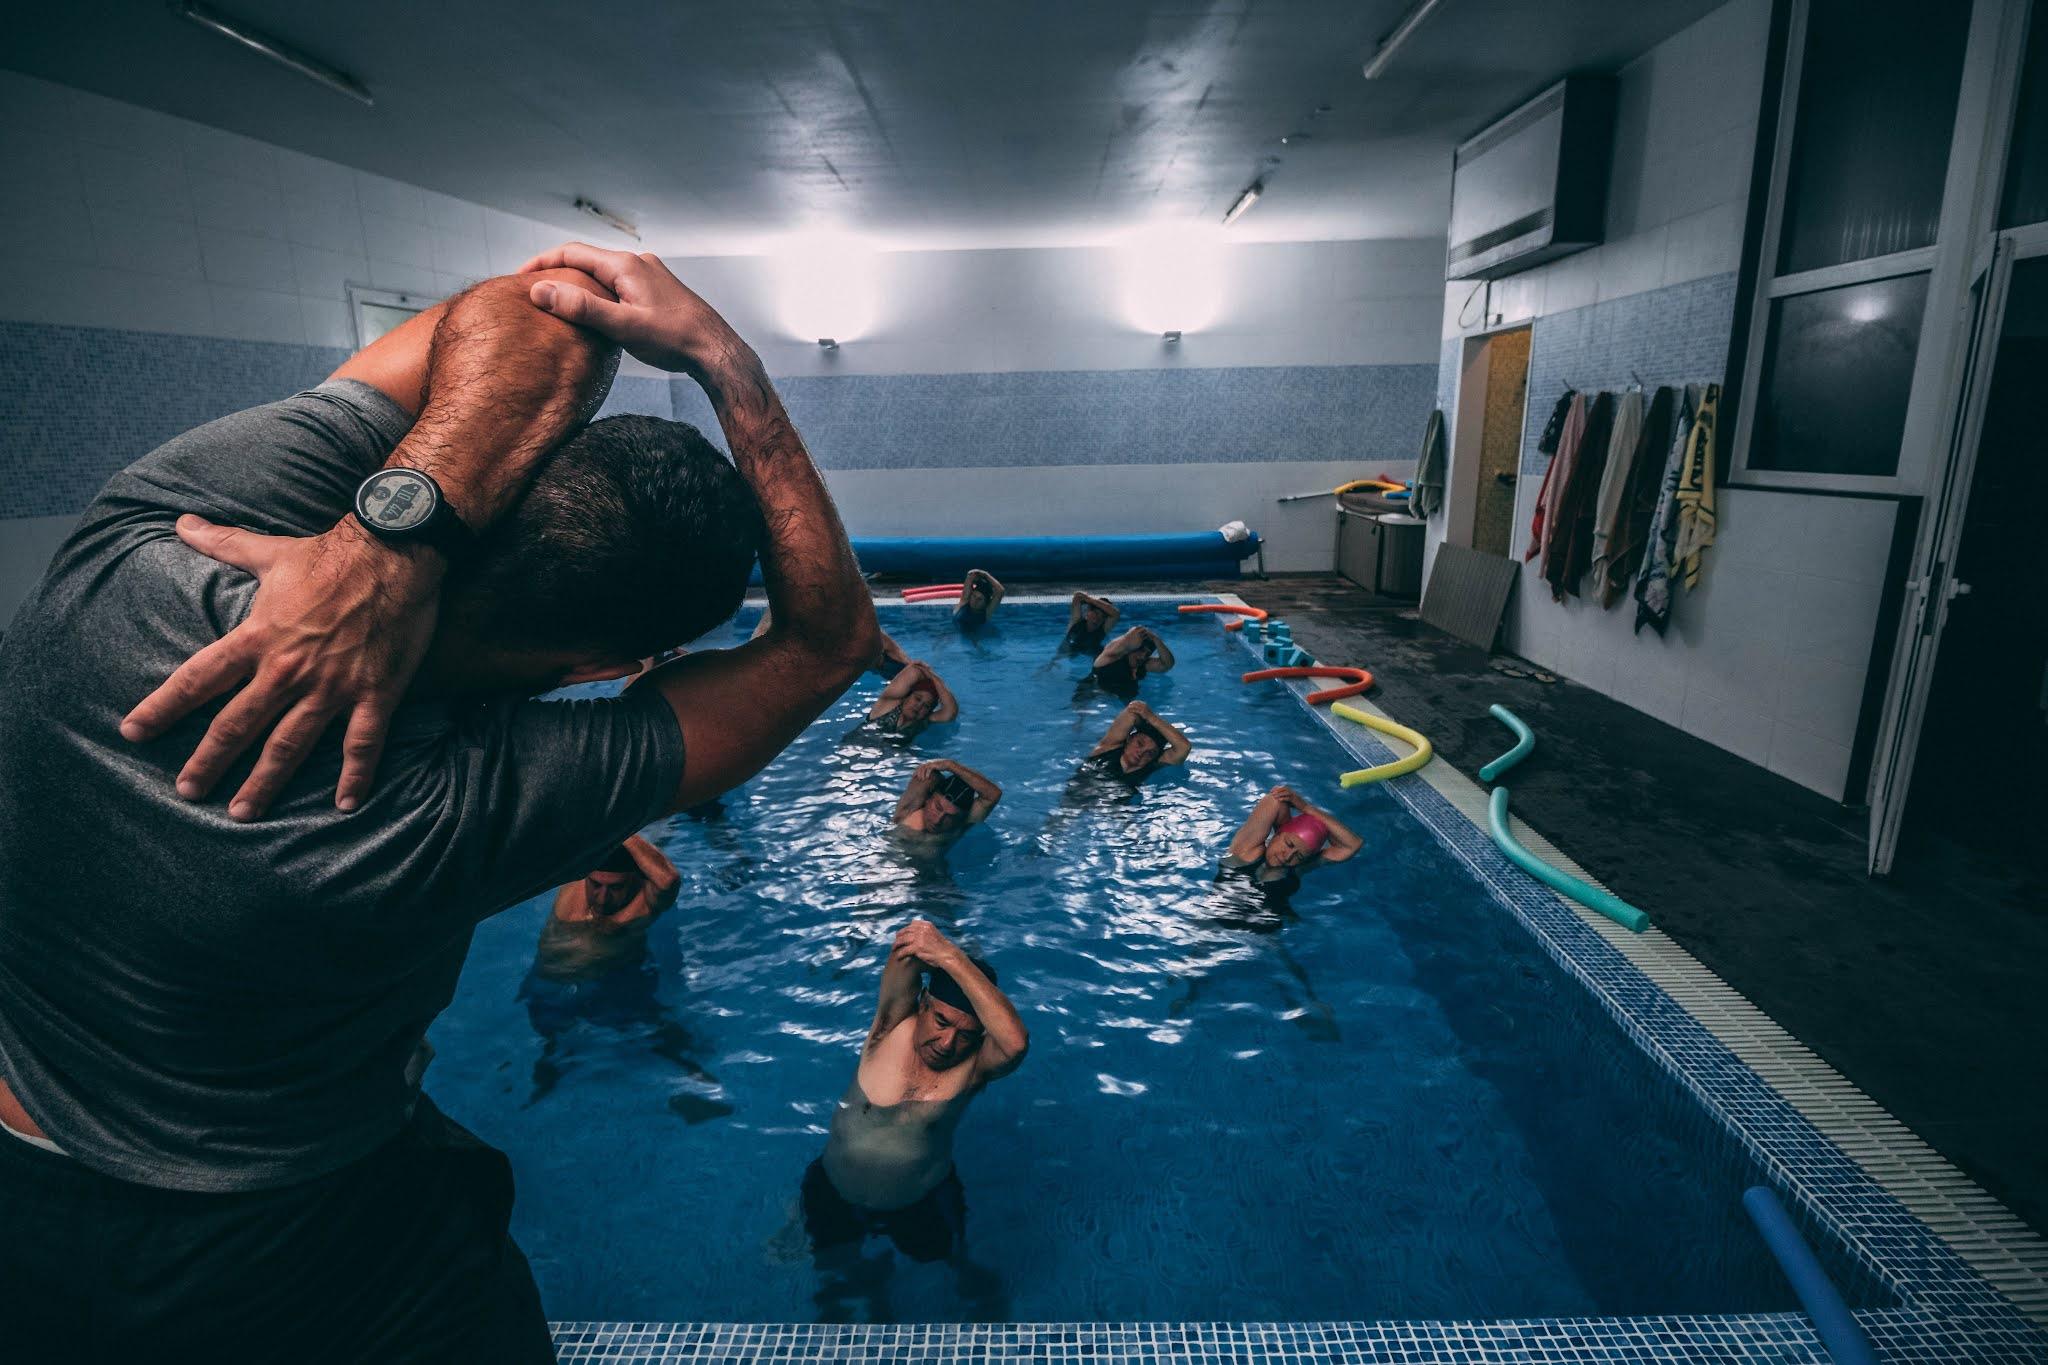 Σχέση προπονητή – αθλητή